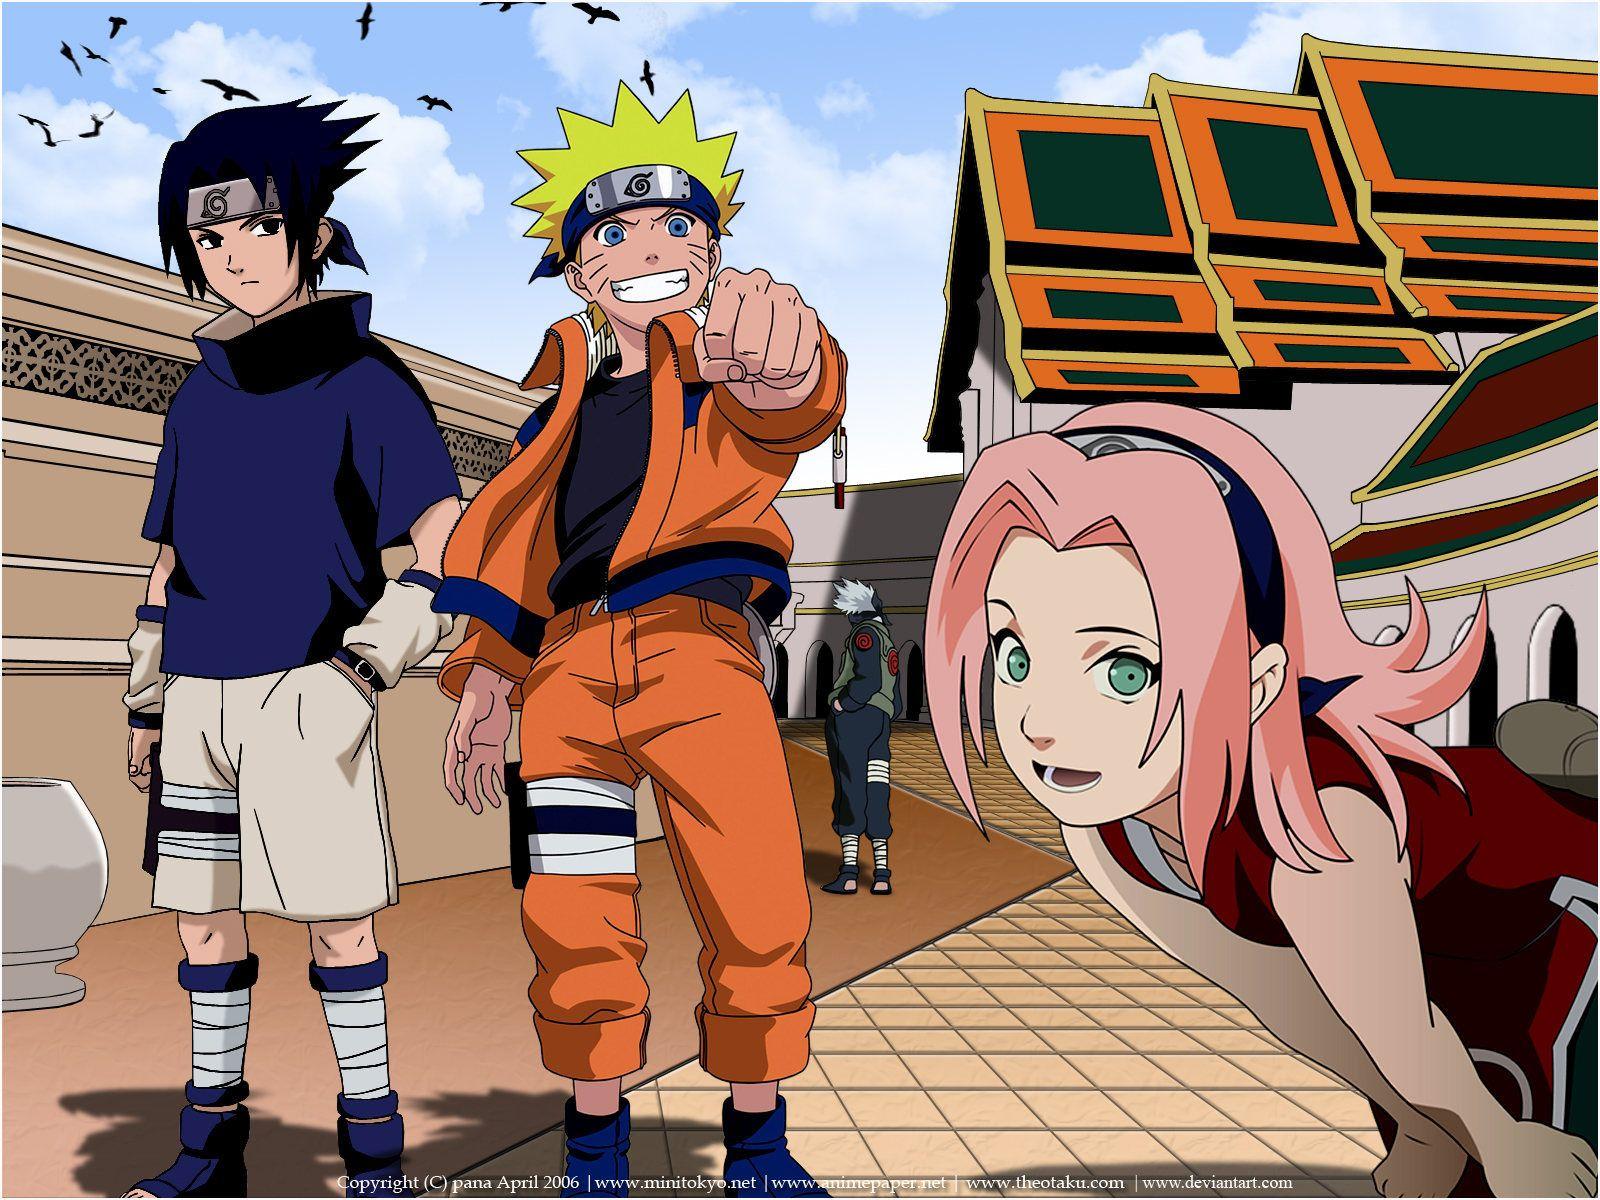 ナルト 壁紙 Naruto Wallpaper サスケ ナルト サスケ サクラ